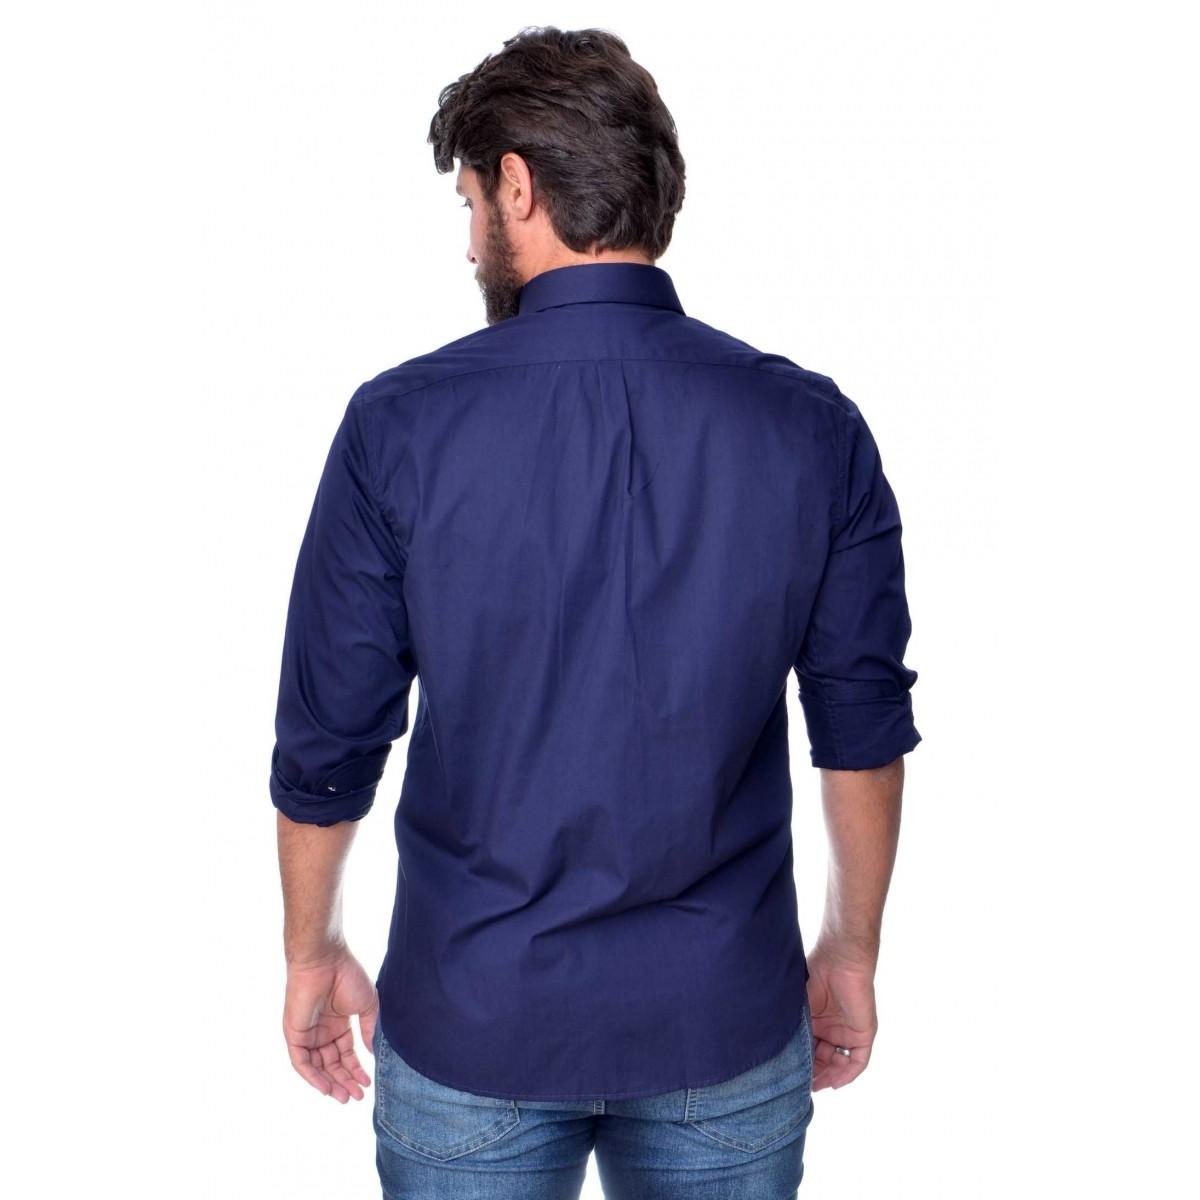 Camisa Social RL Marinho / Branco - Regular Fit  - Ca Brasileira